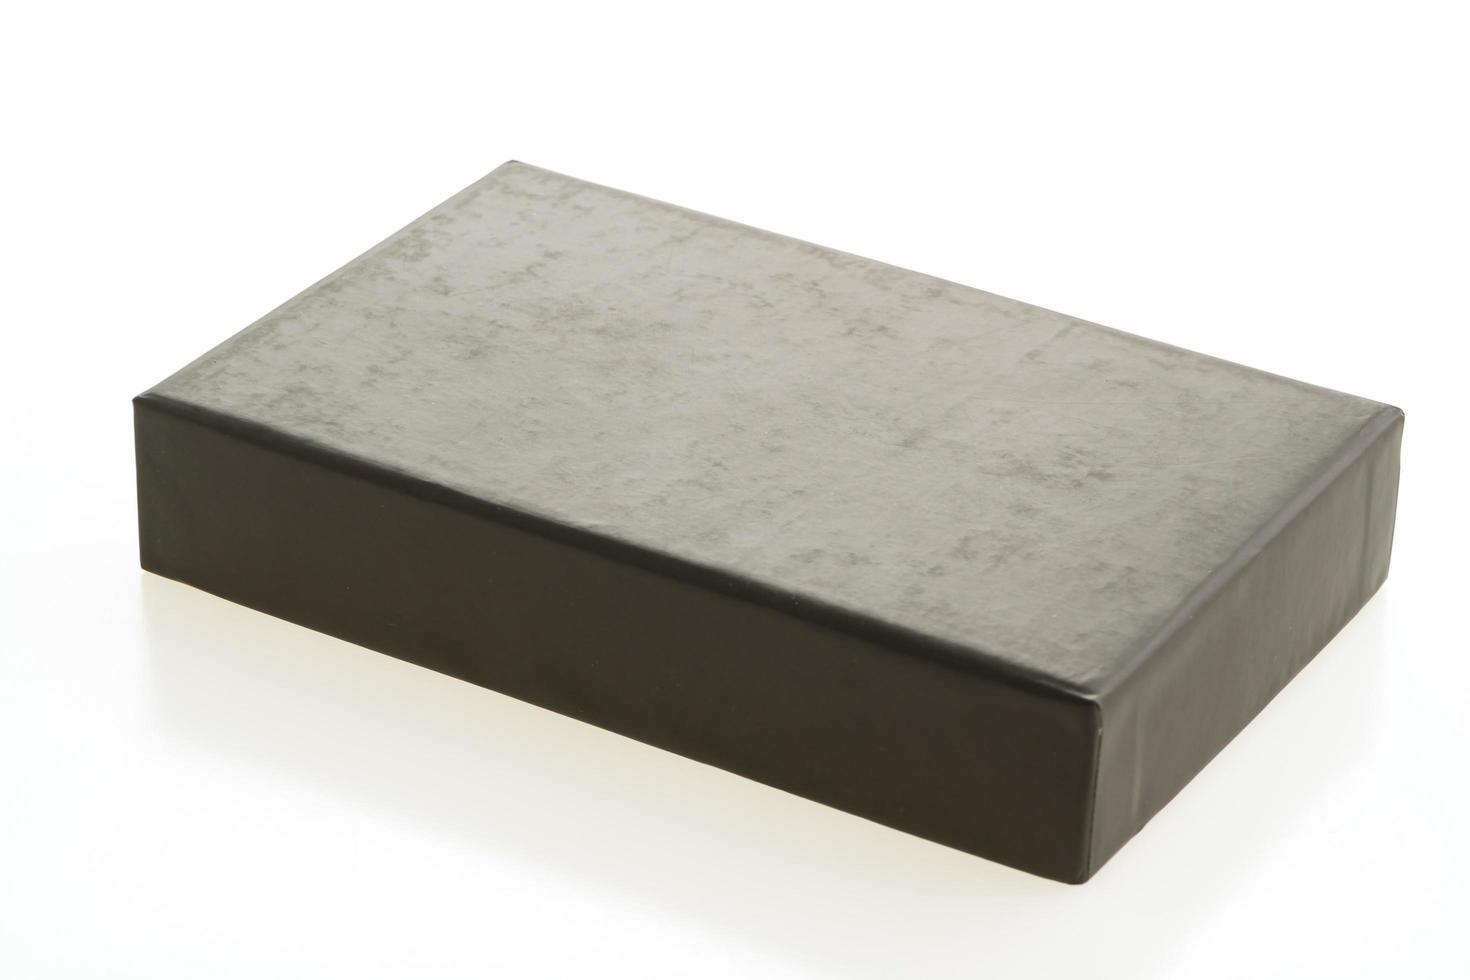 caja negra vacía sobre fondo blanco foto